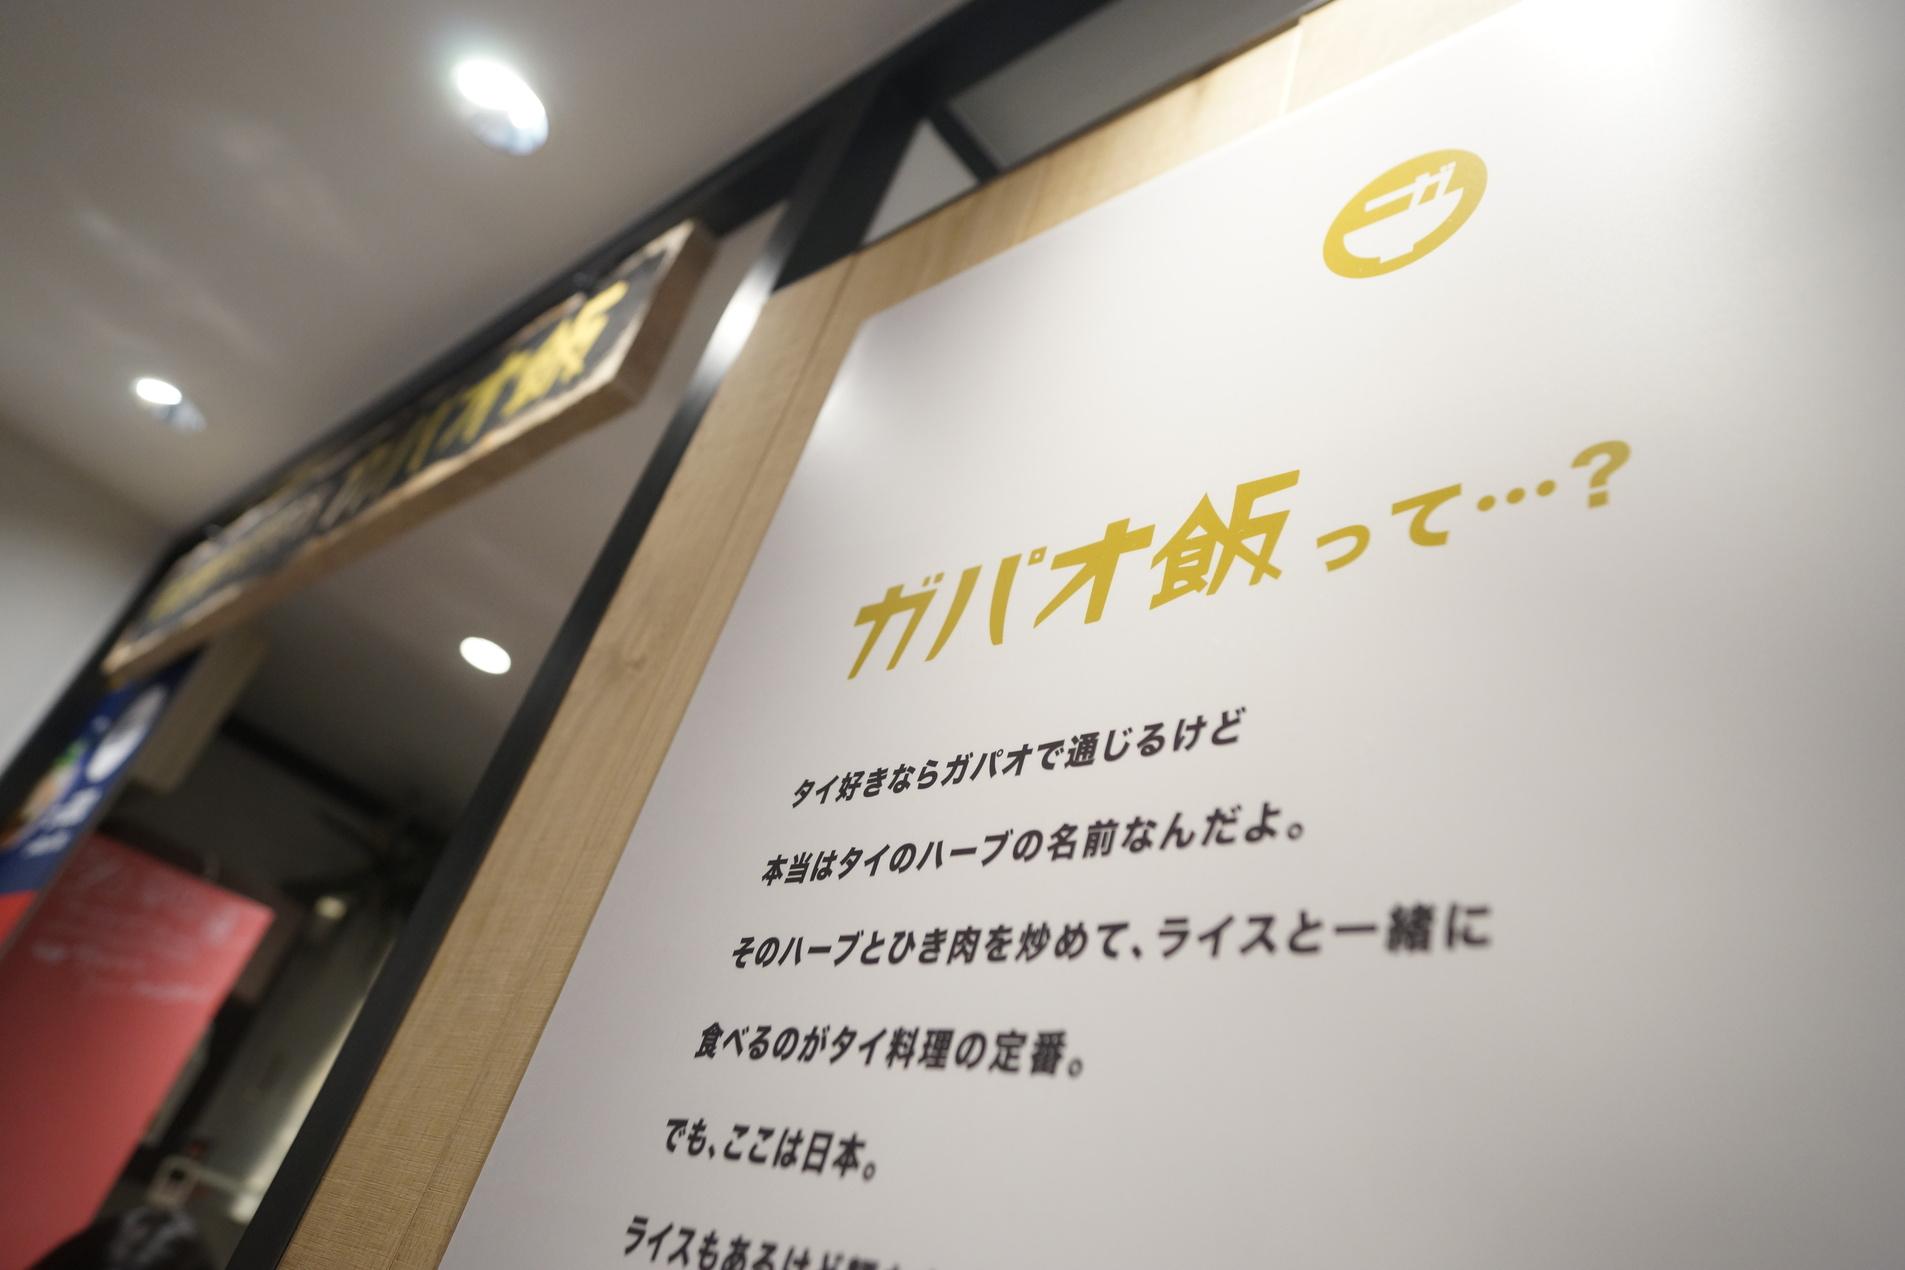 亜細亜的惣菜店 ガパオ飯